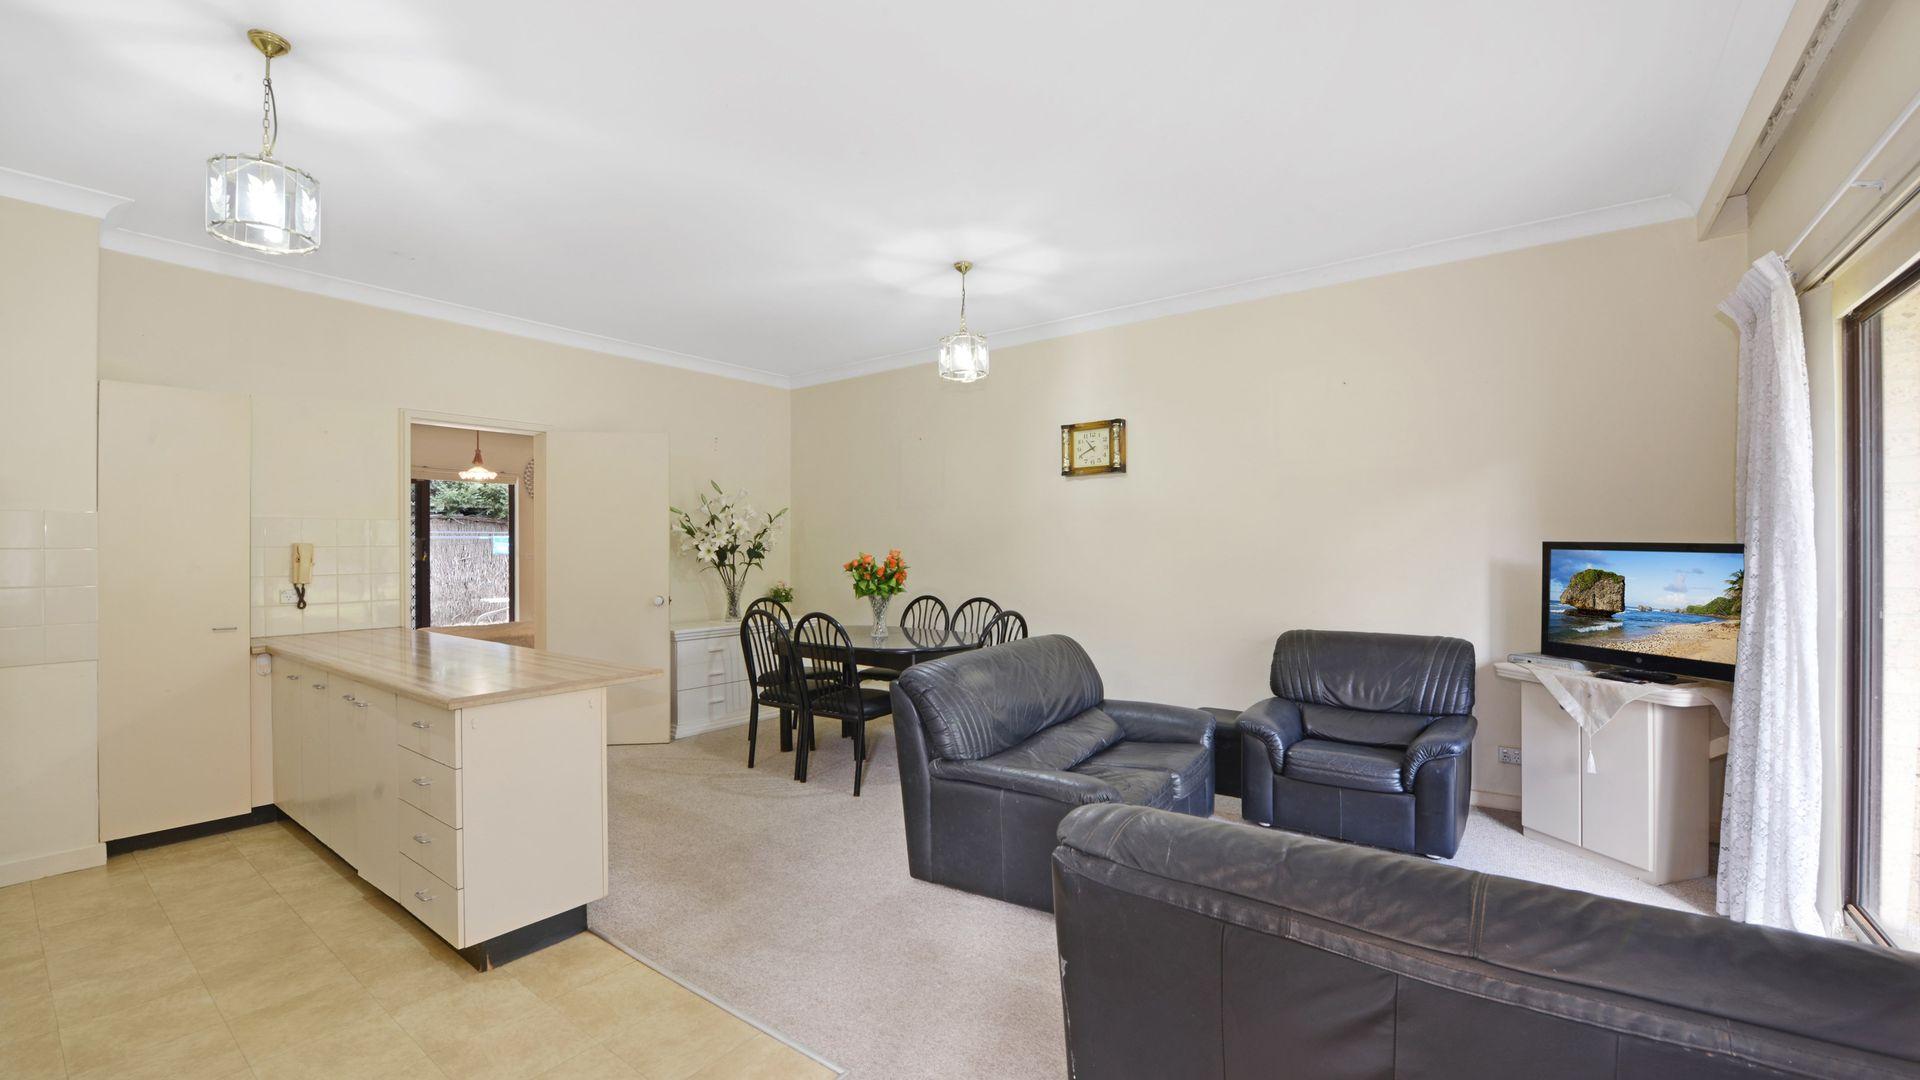 11/40 Bunyala Street, Blakehurst NSW 2221, Image 1